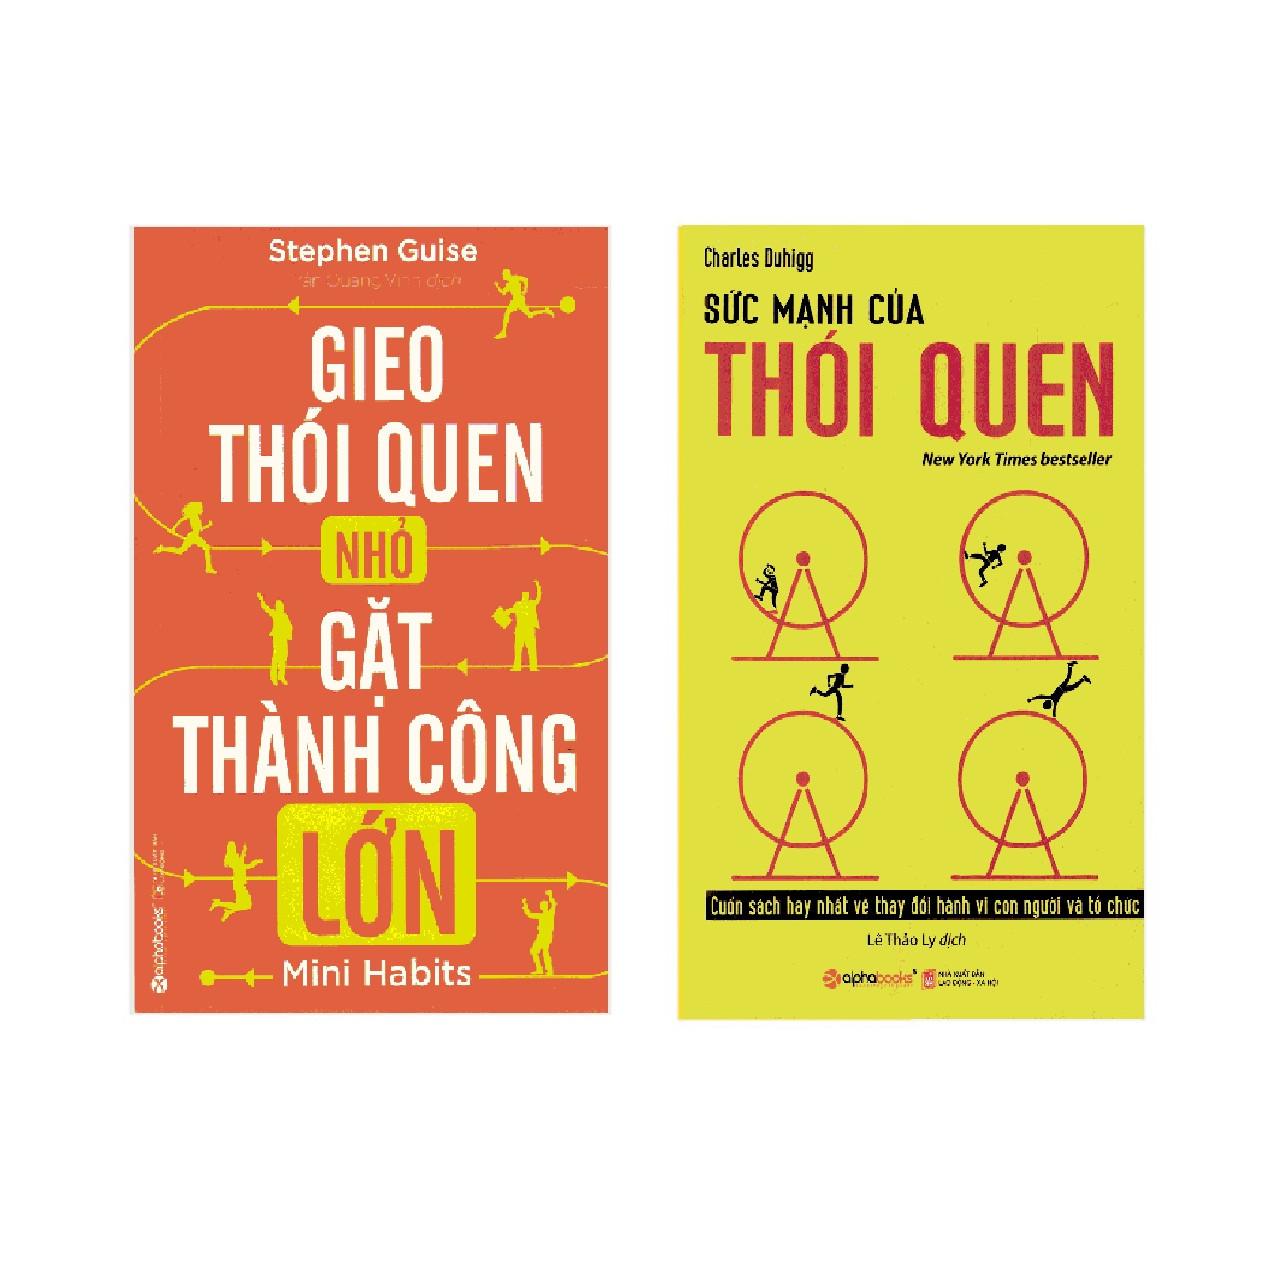 Bộ Sách Lập Thói Quen Để Thành Công ( Sức Mạnh Của Thói Quen + Gieo Thói Quen Nhỏ, Gặt Thành Công Lớn ) (Quà Tặng: Cây Viết Galaxy )